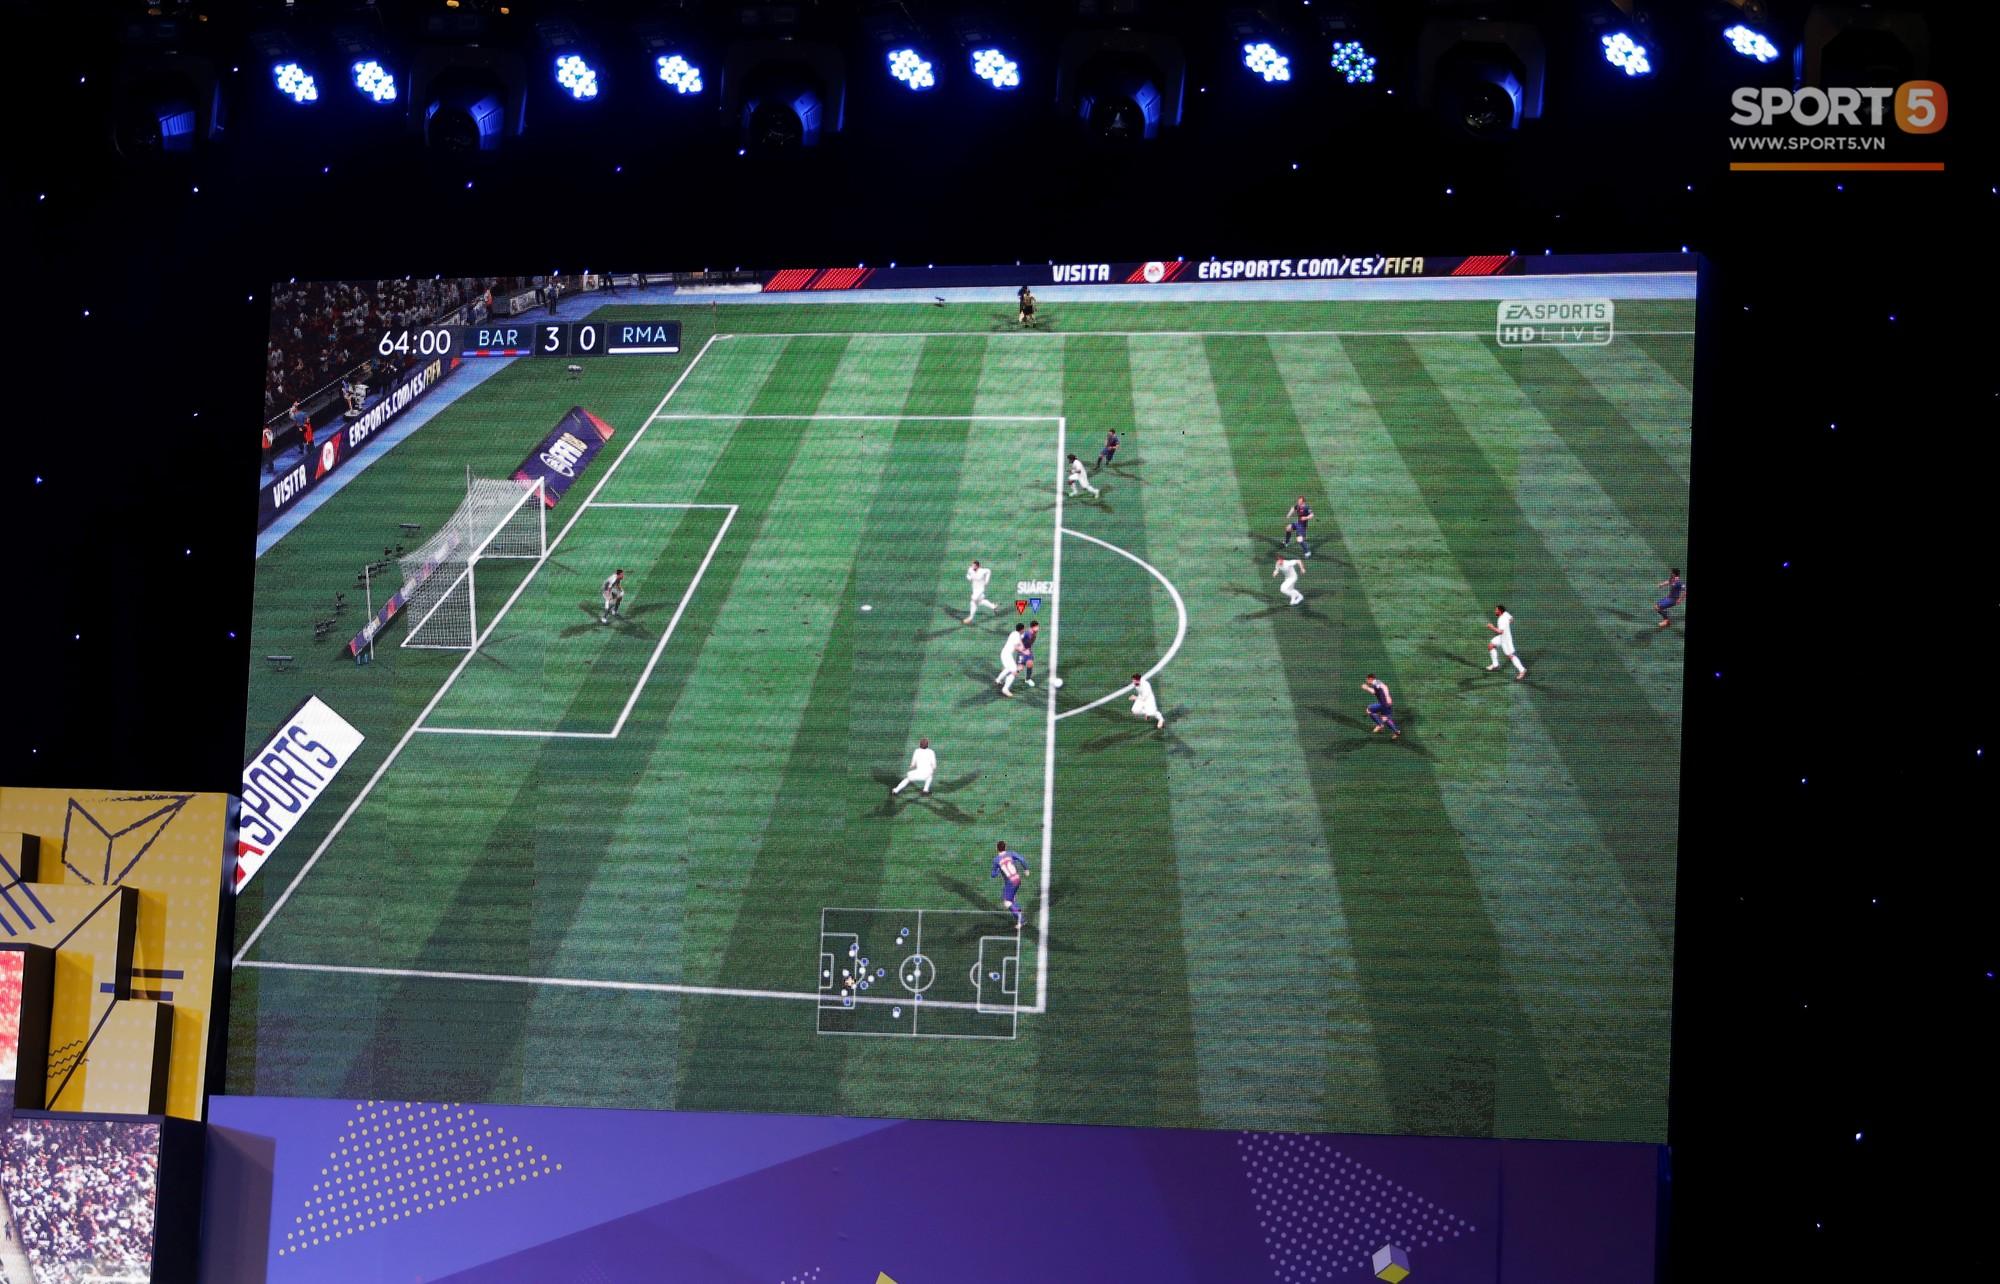 Bùi Tiến Dũng chỉ đạo đệ tử vùi dập đội của Trọng Đại 3-0 ở FIFA 18 - Ảnh 6.